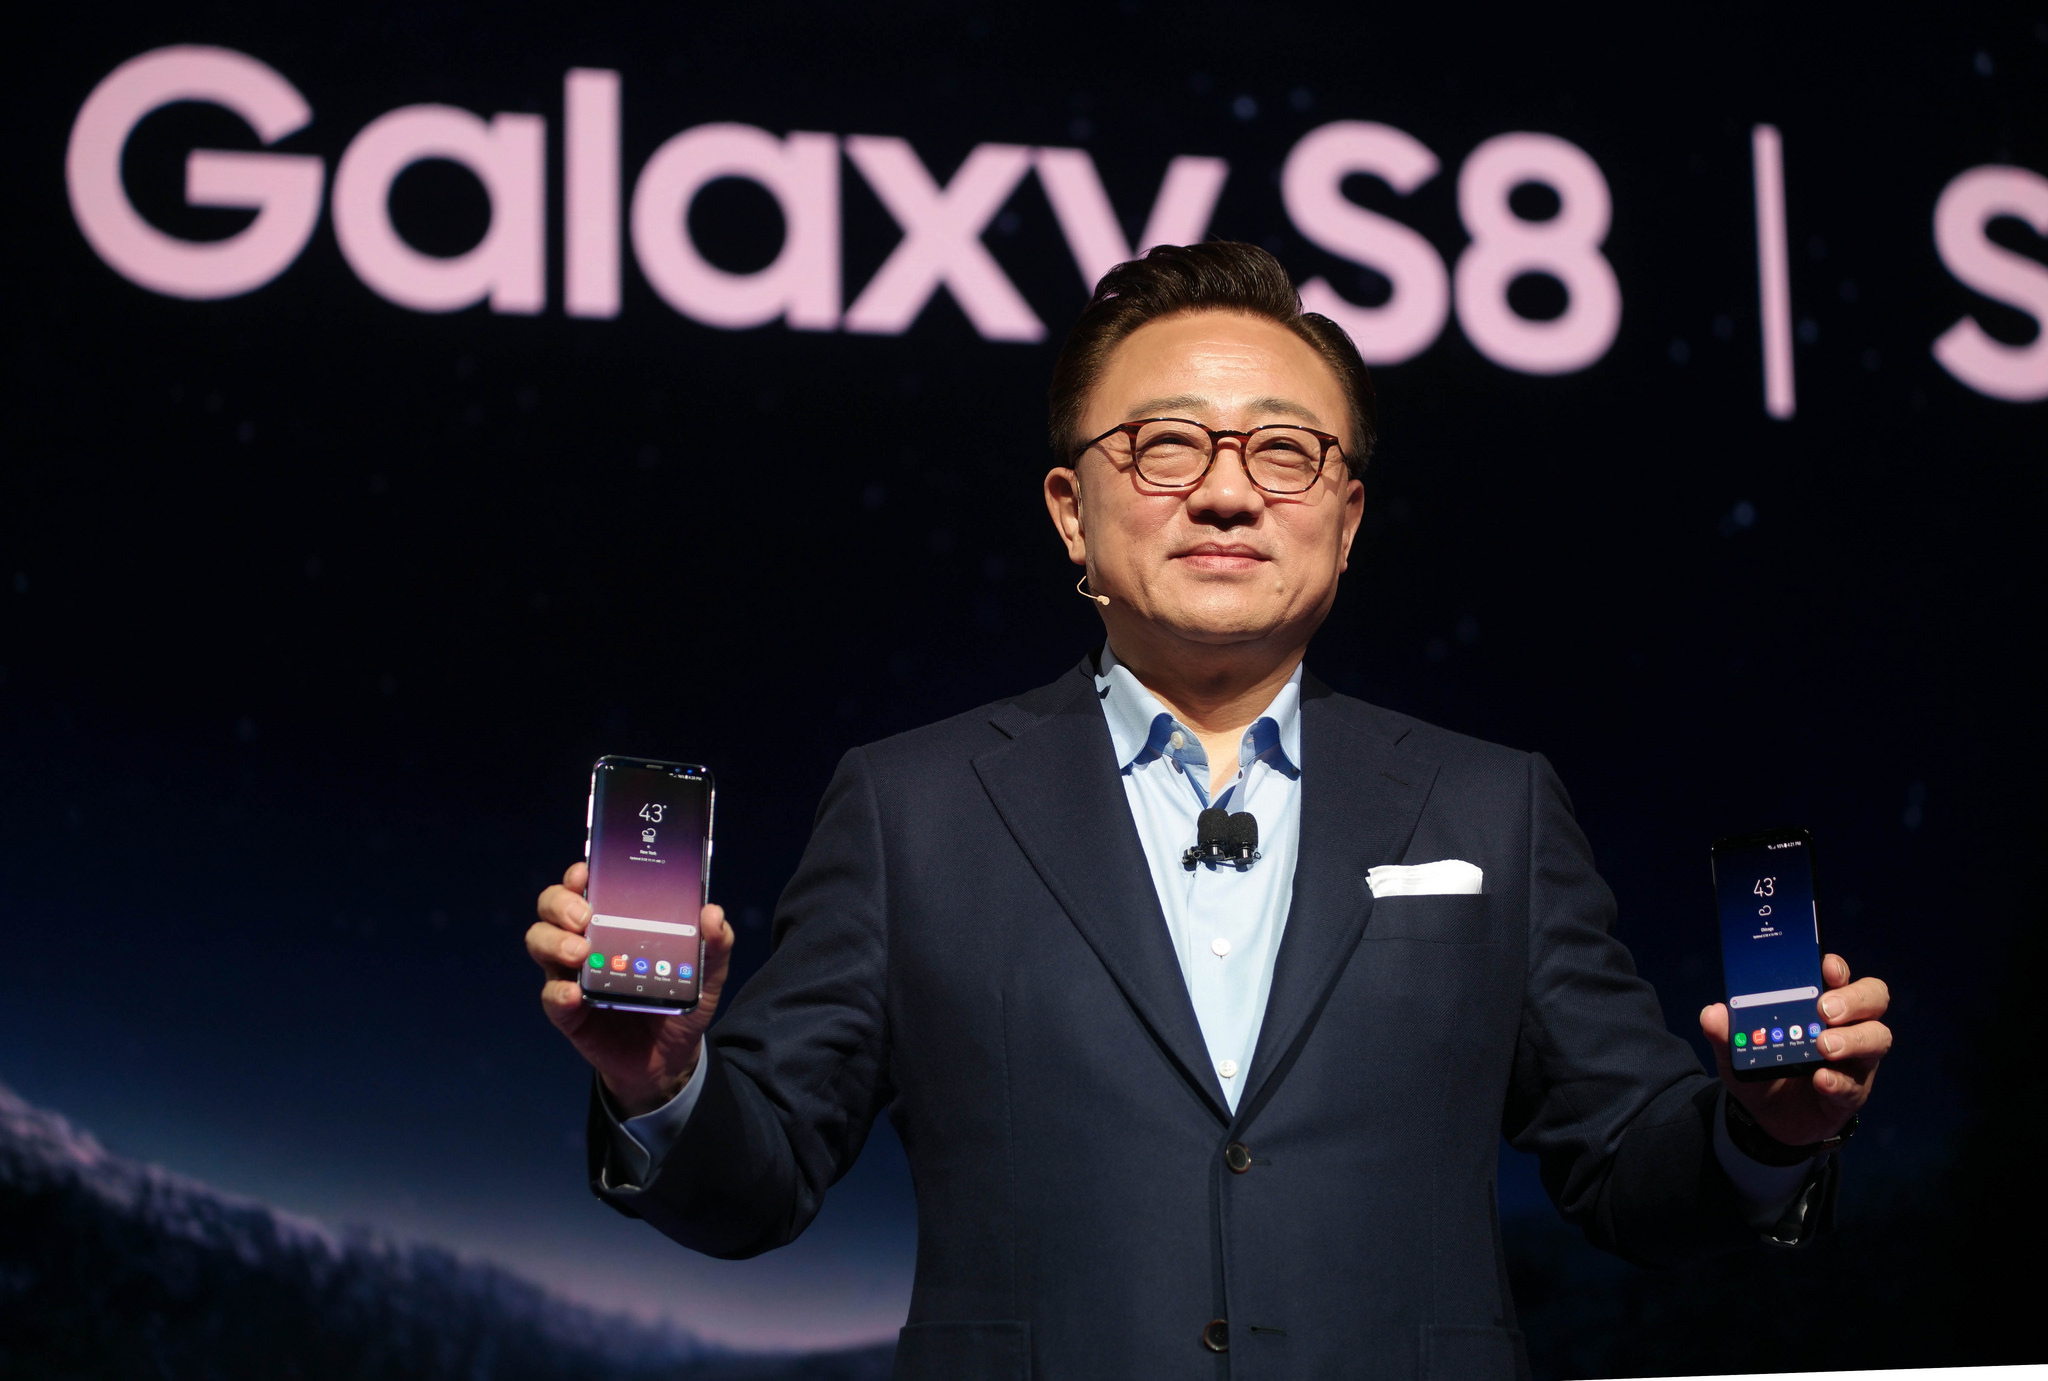 Galaxy S8 : le nouveau smartphone de Samsung doit en imposer